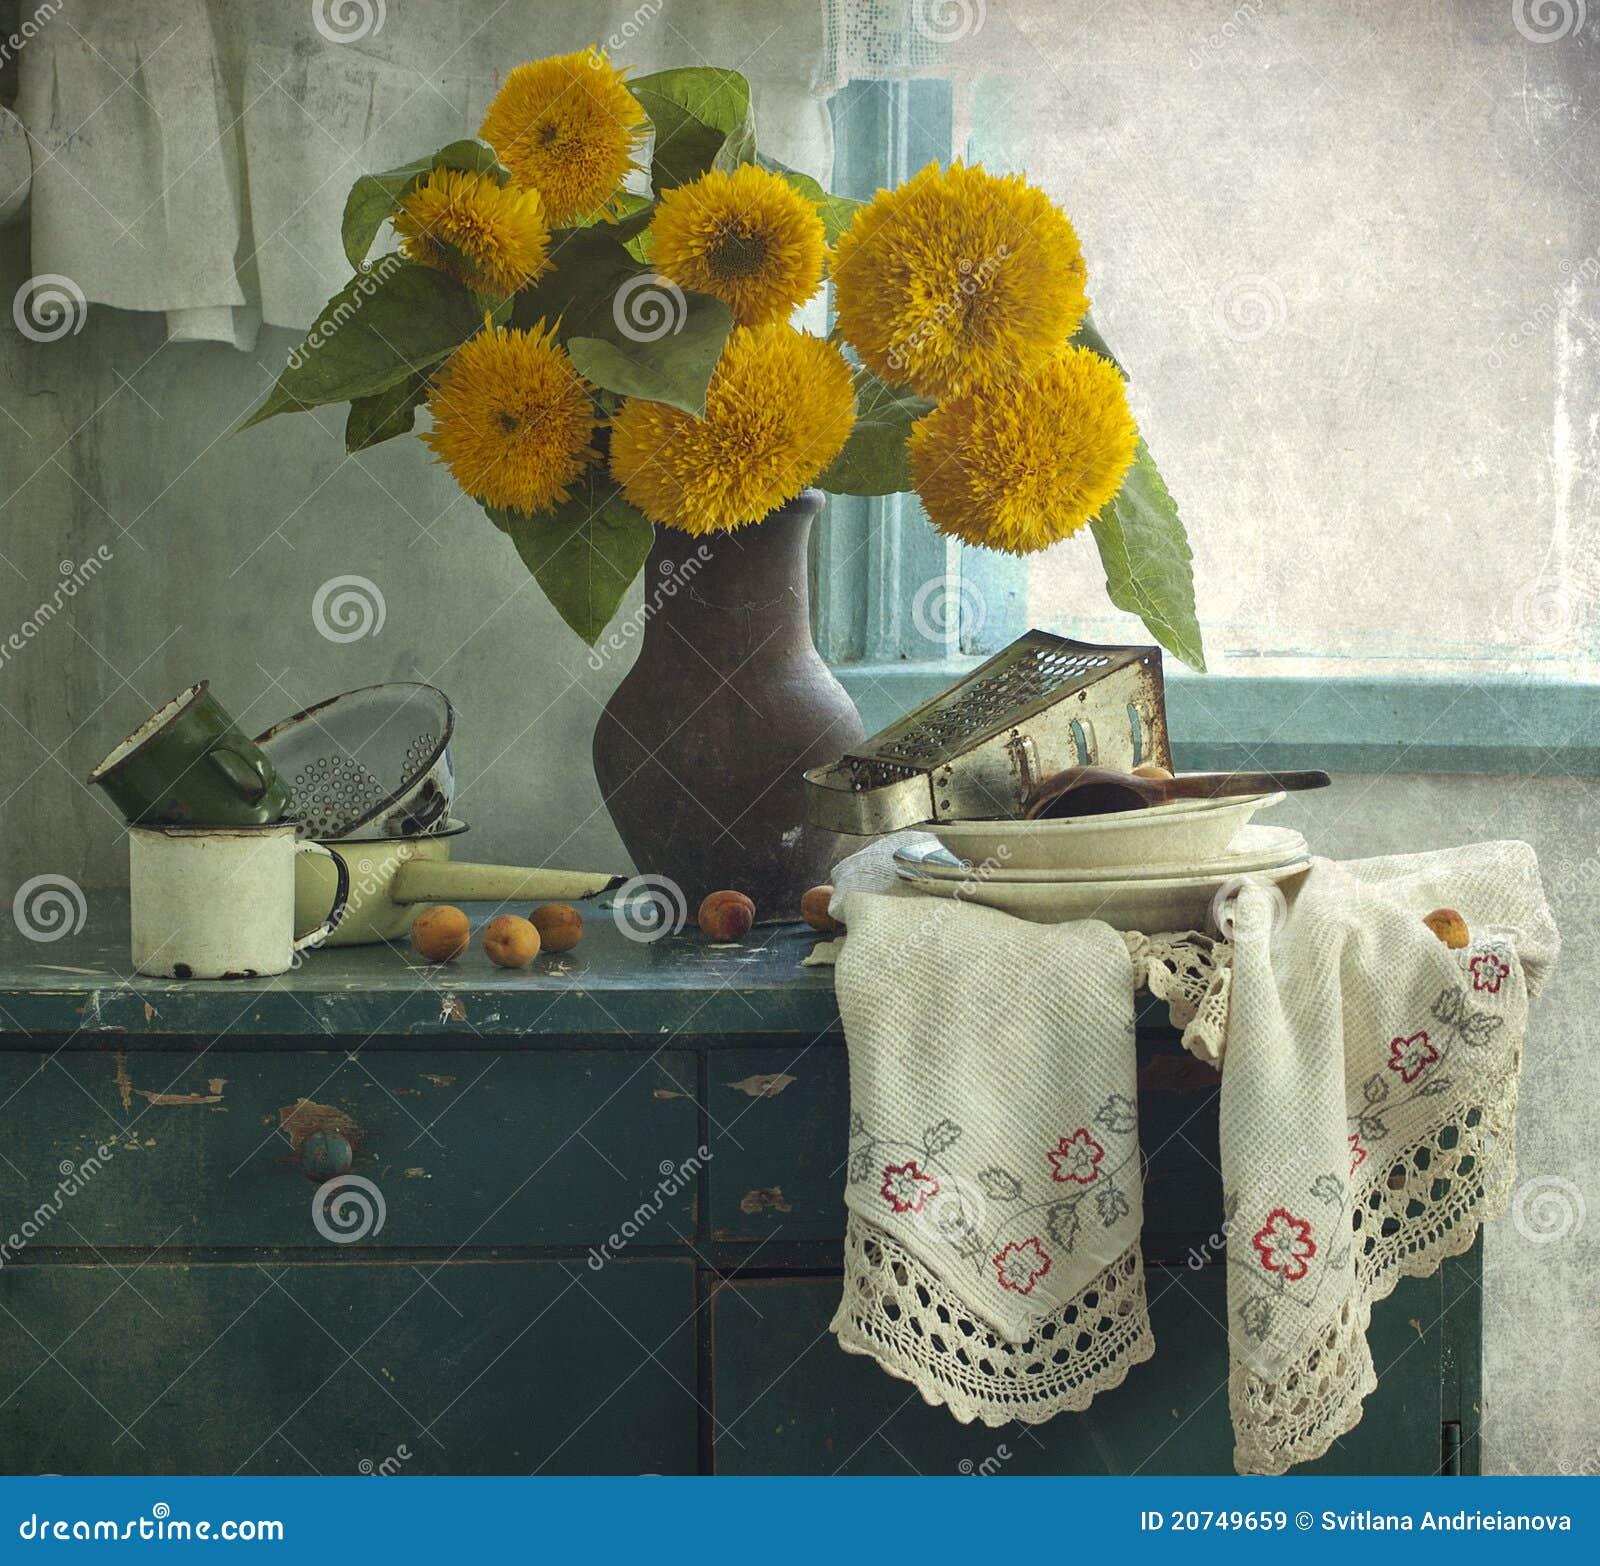 Zonnebloemen en keukenwerktuig